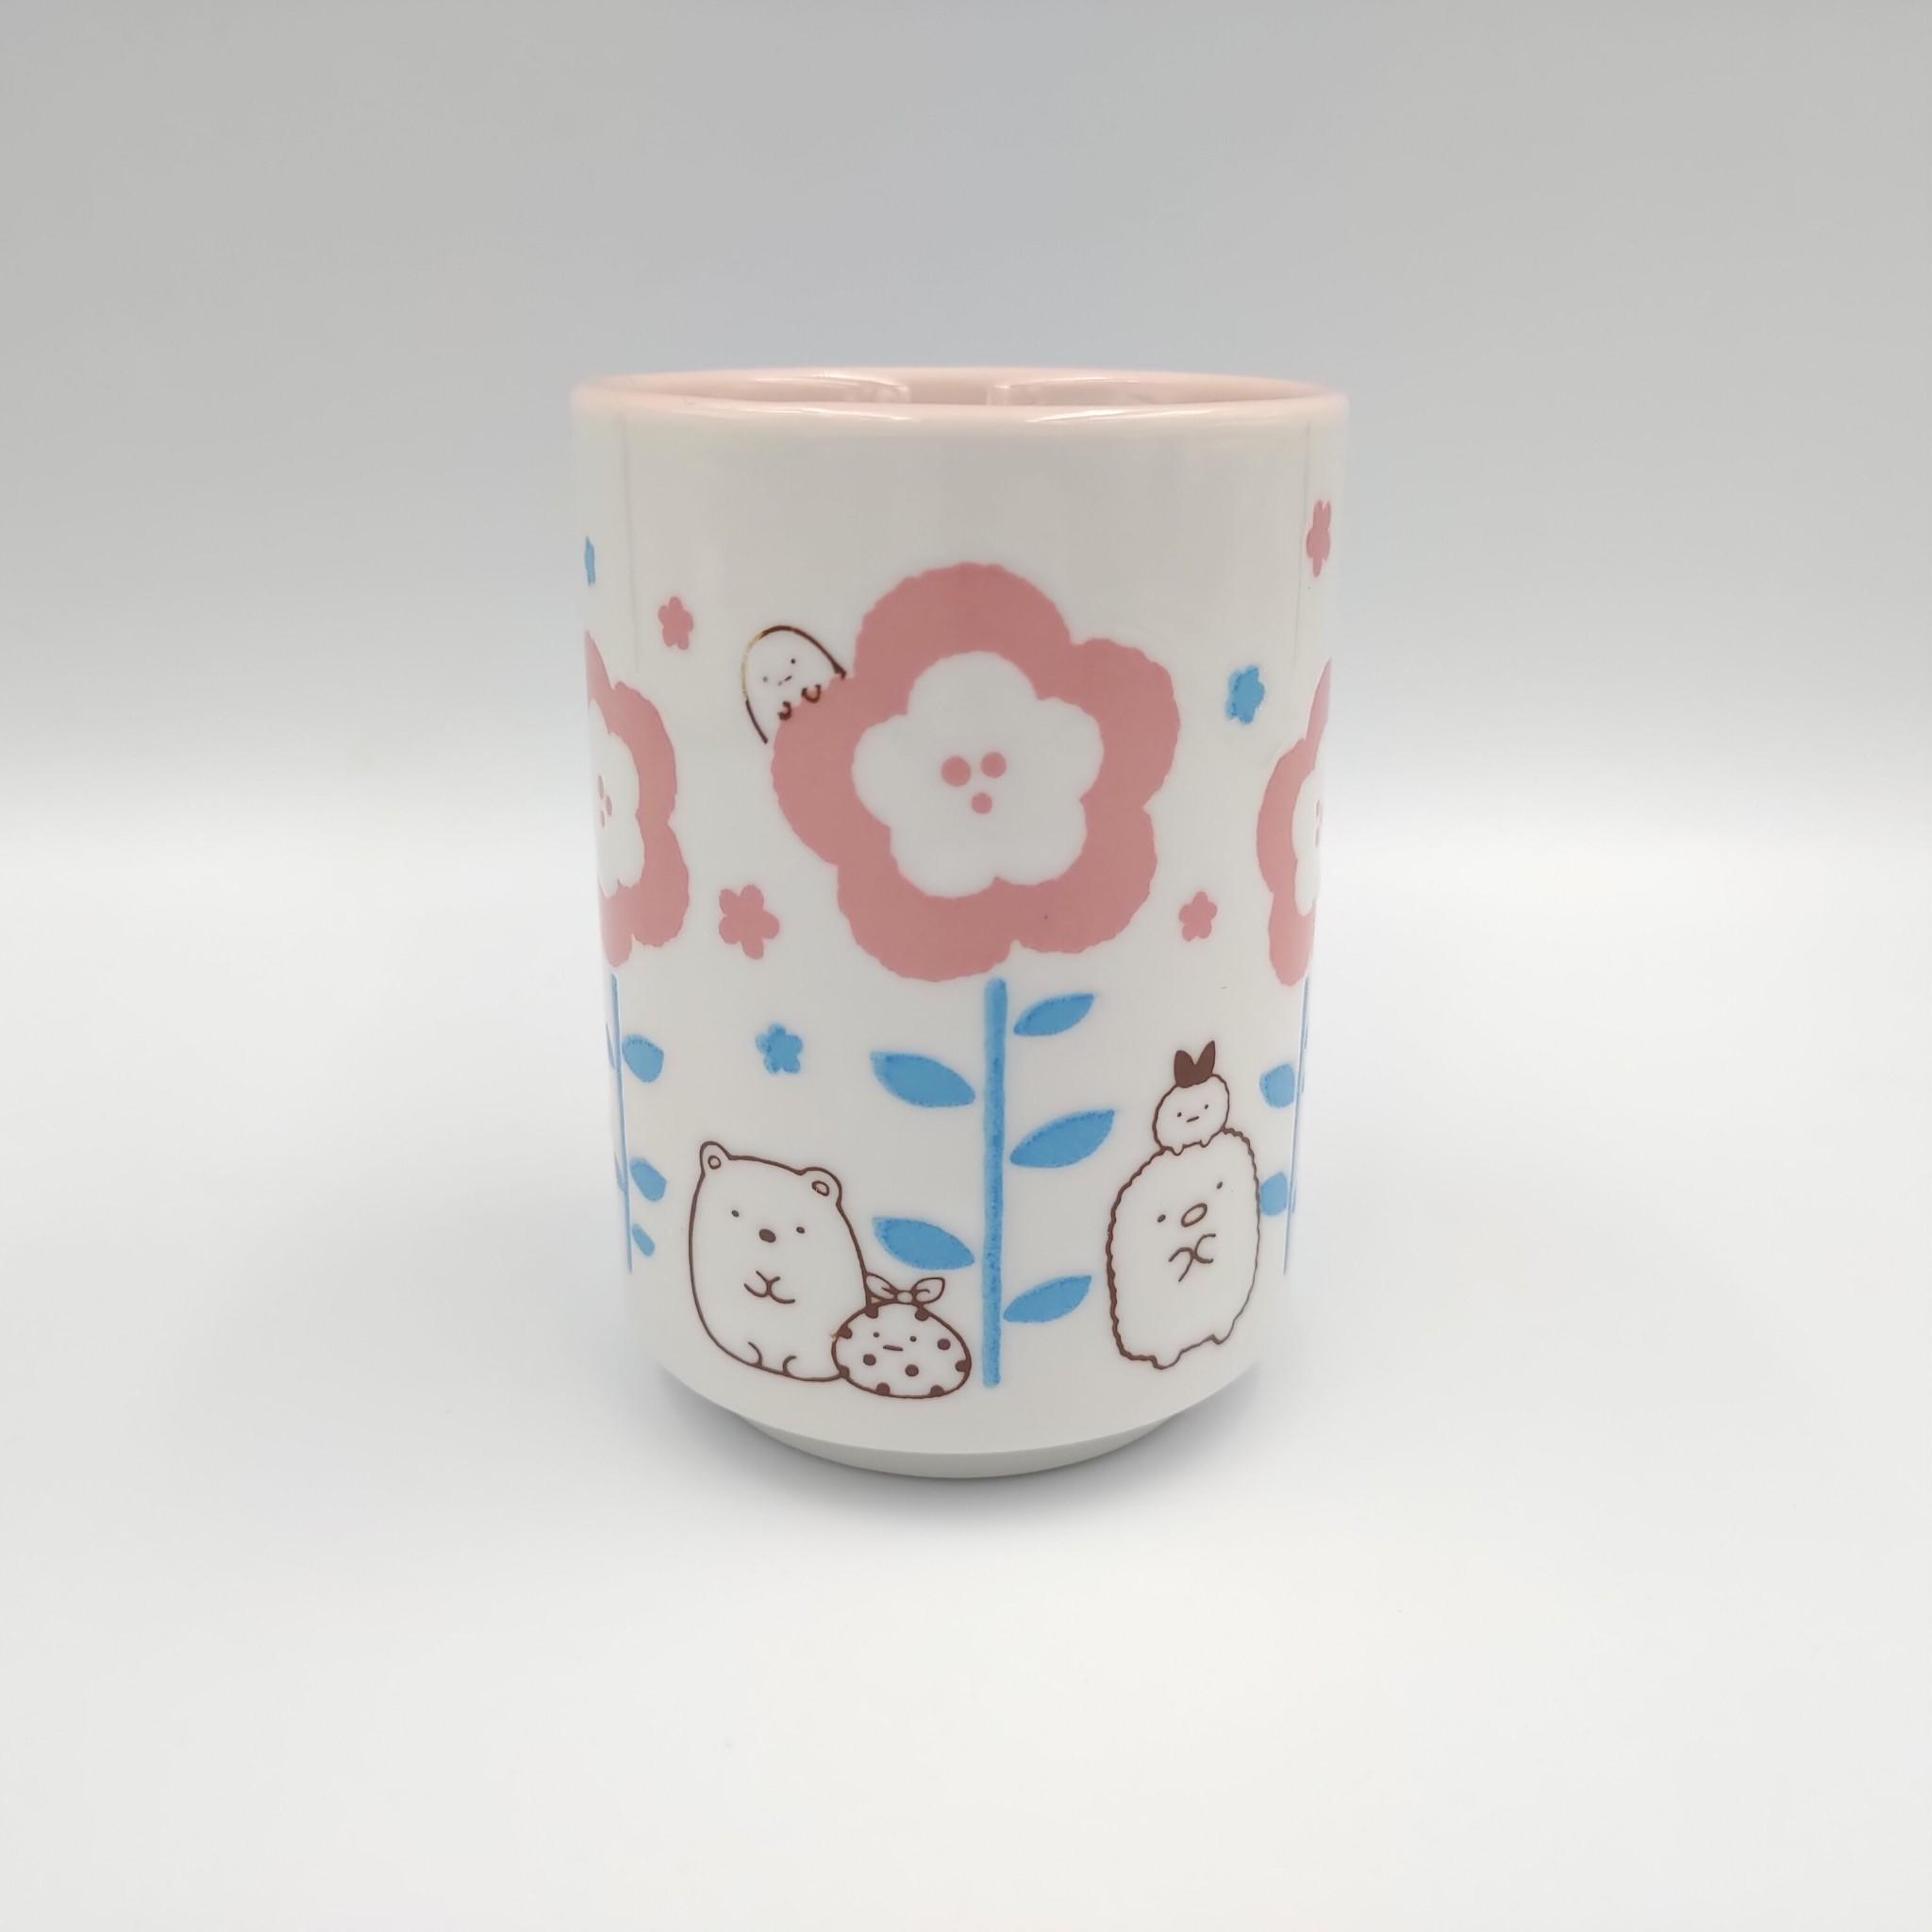 【積文館】茶杯 日本進口 角落小生物 角落公仔(6.5*9.5cm) 2